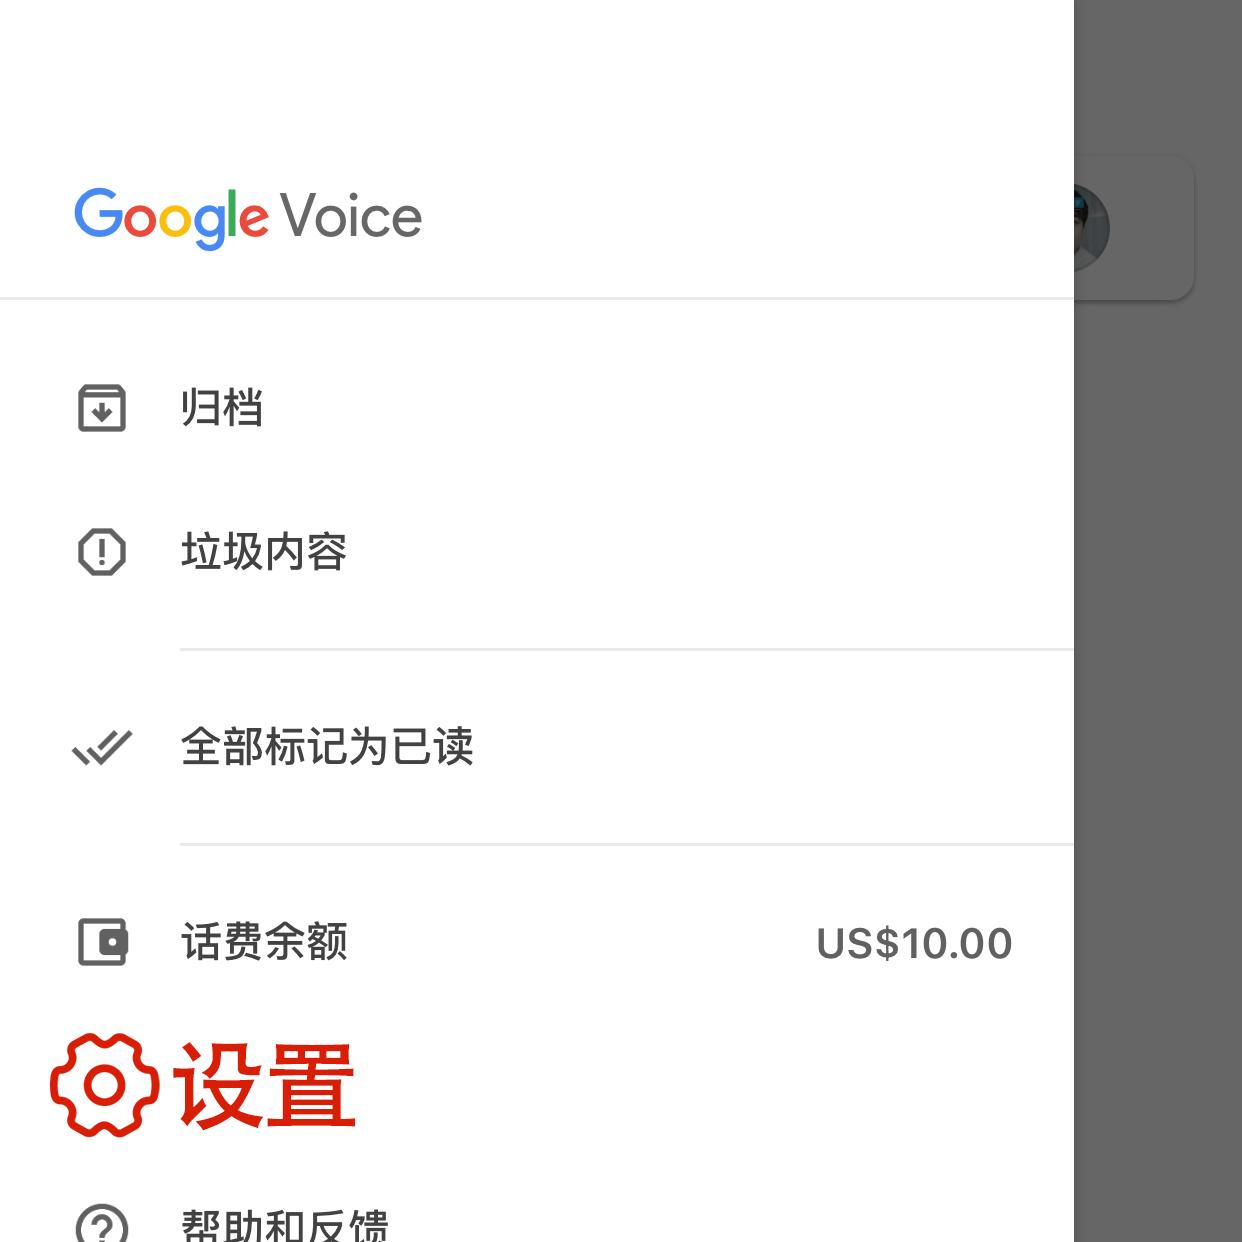 Google Voice 进入设置页面